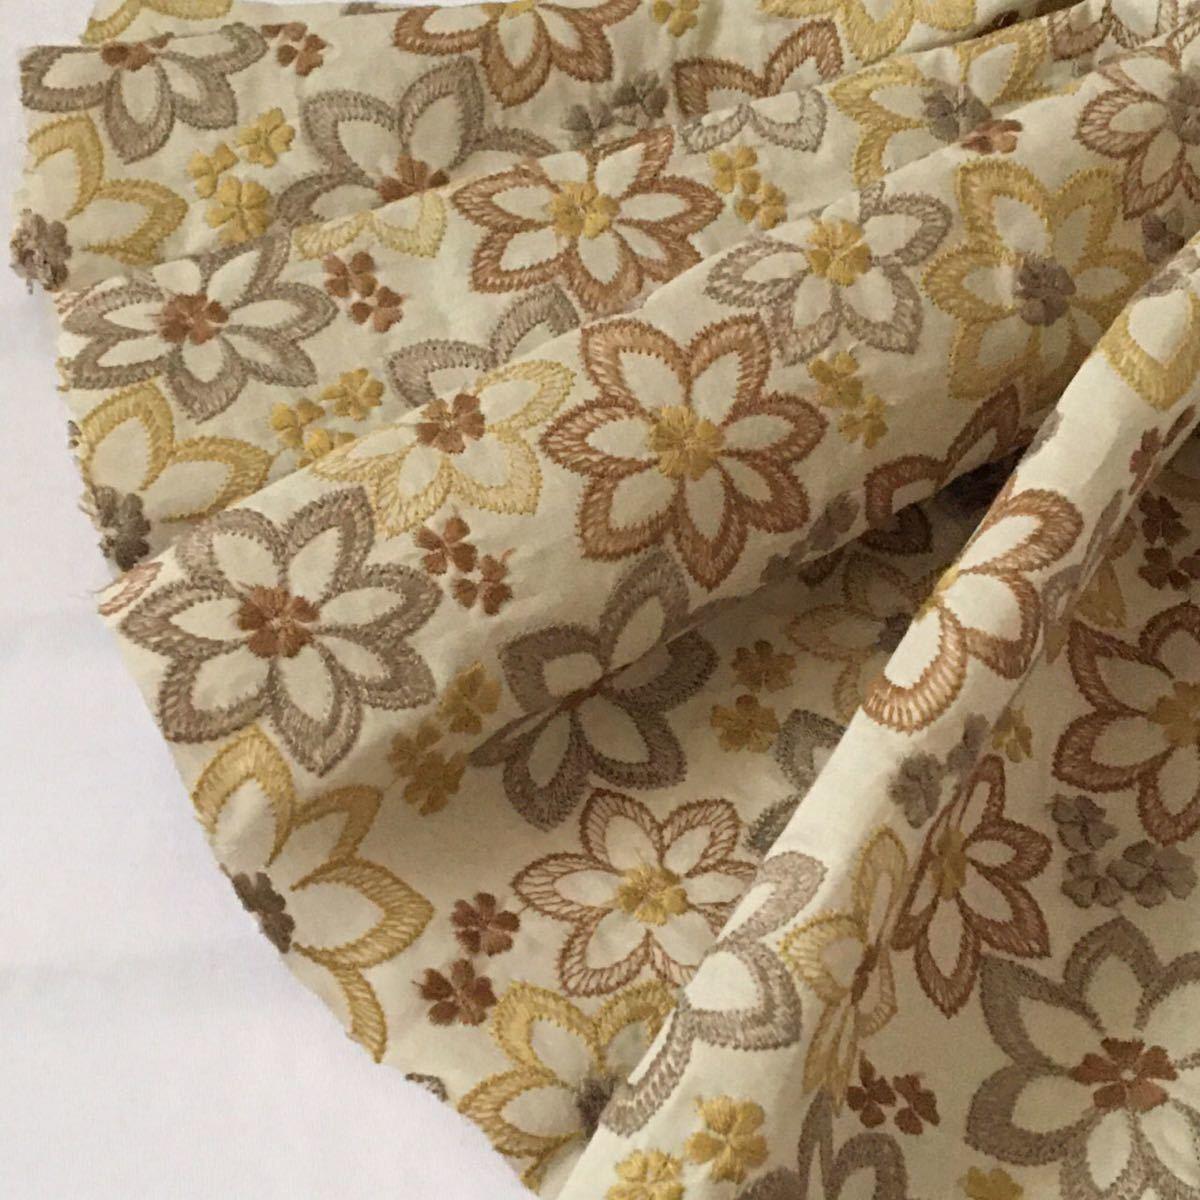 花柄刺繍 コットンレース生地 刺繍レース 綿レース 刺繍生地 国産刺繍 ハギレ